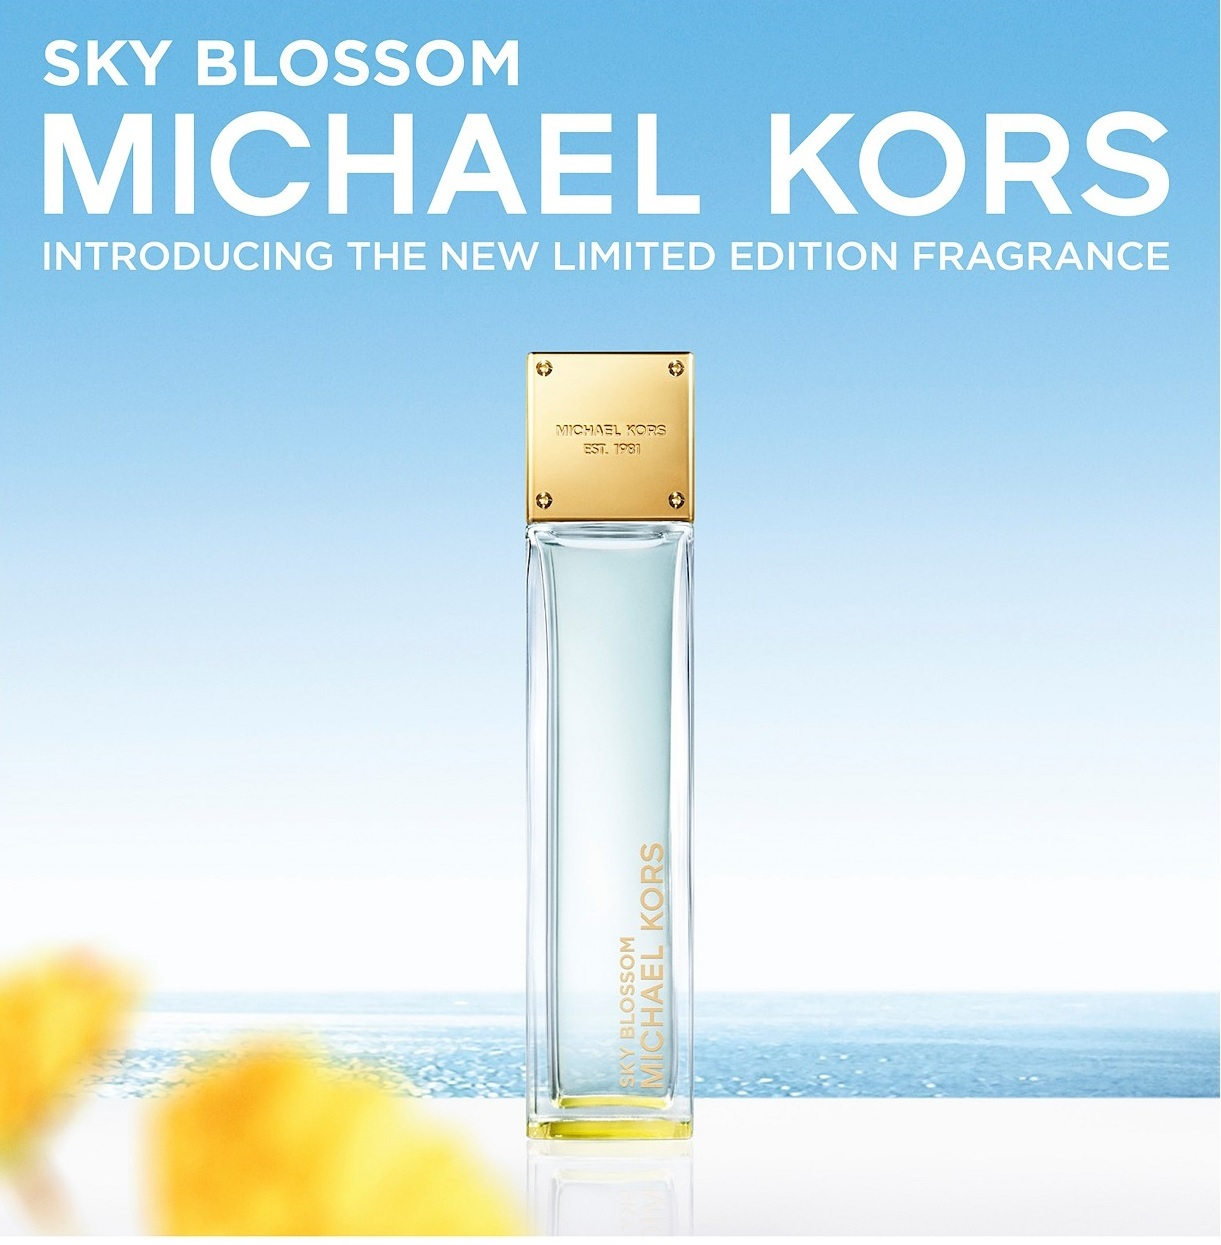 Michael Kors Sky Blossom